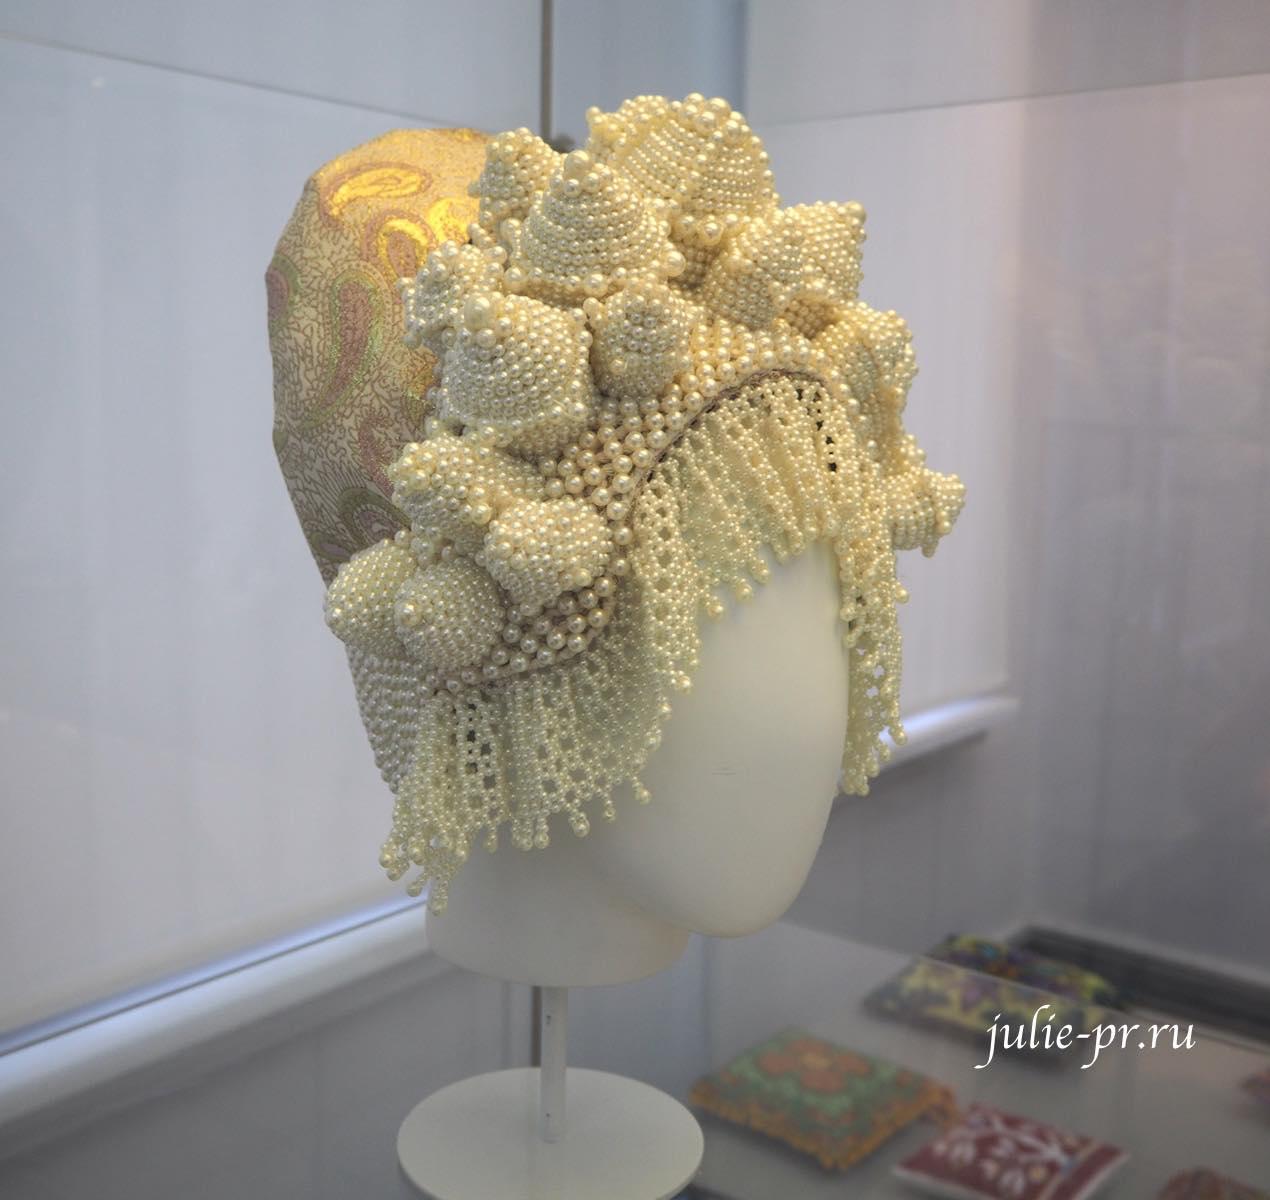 Всероссийская выставка вышивки, вышивка,